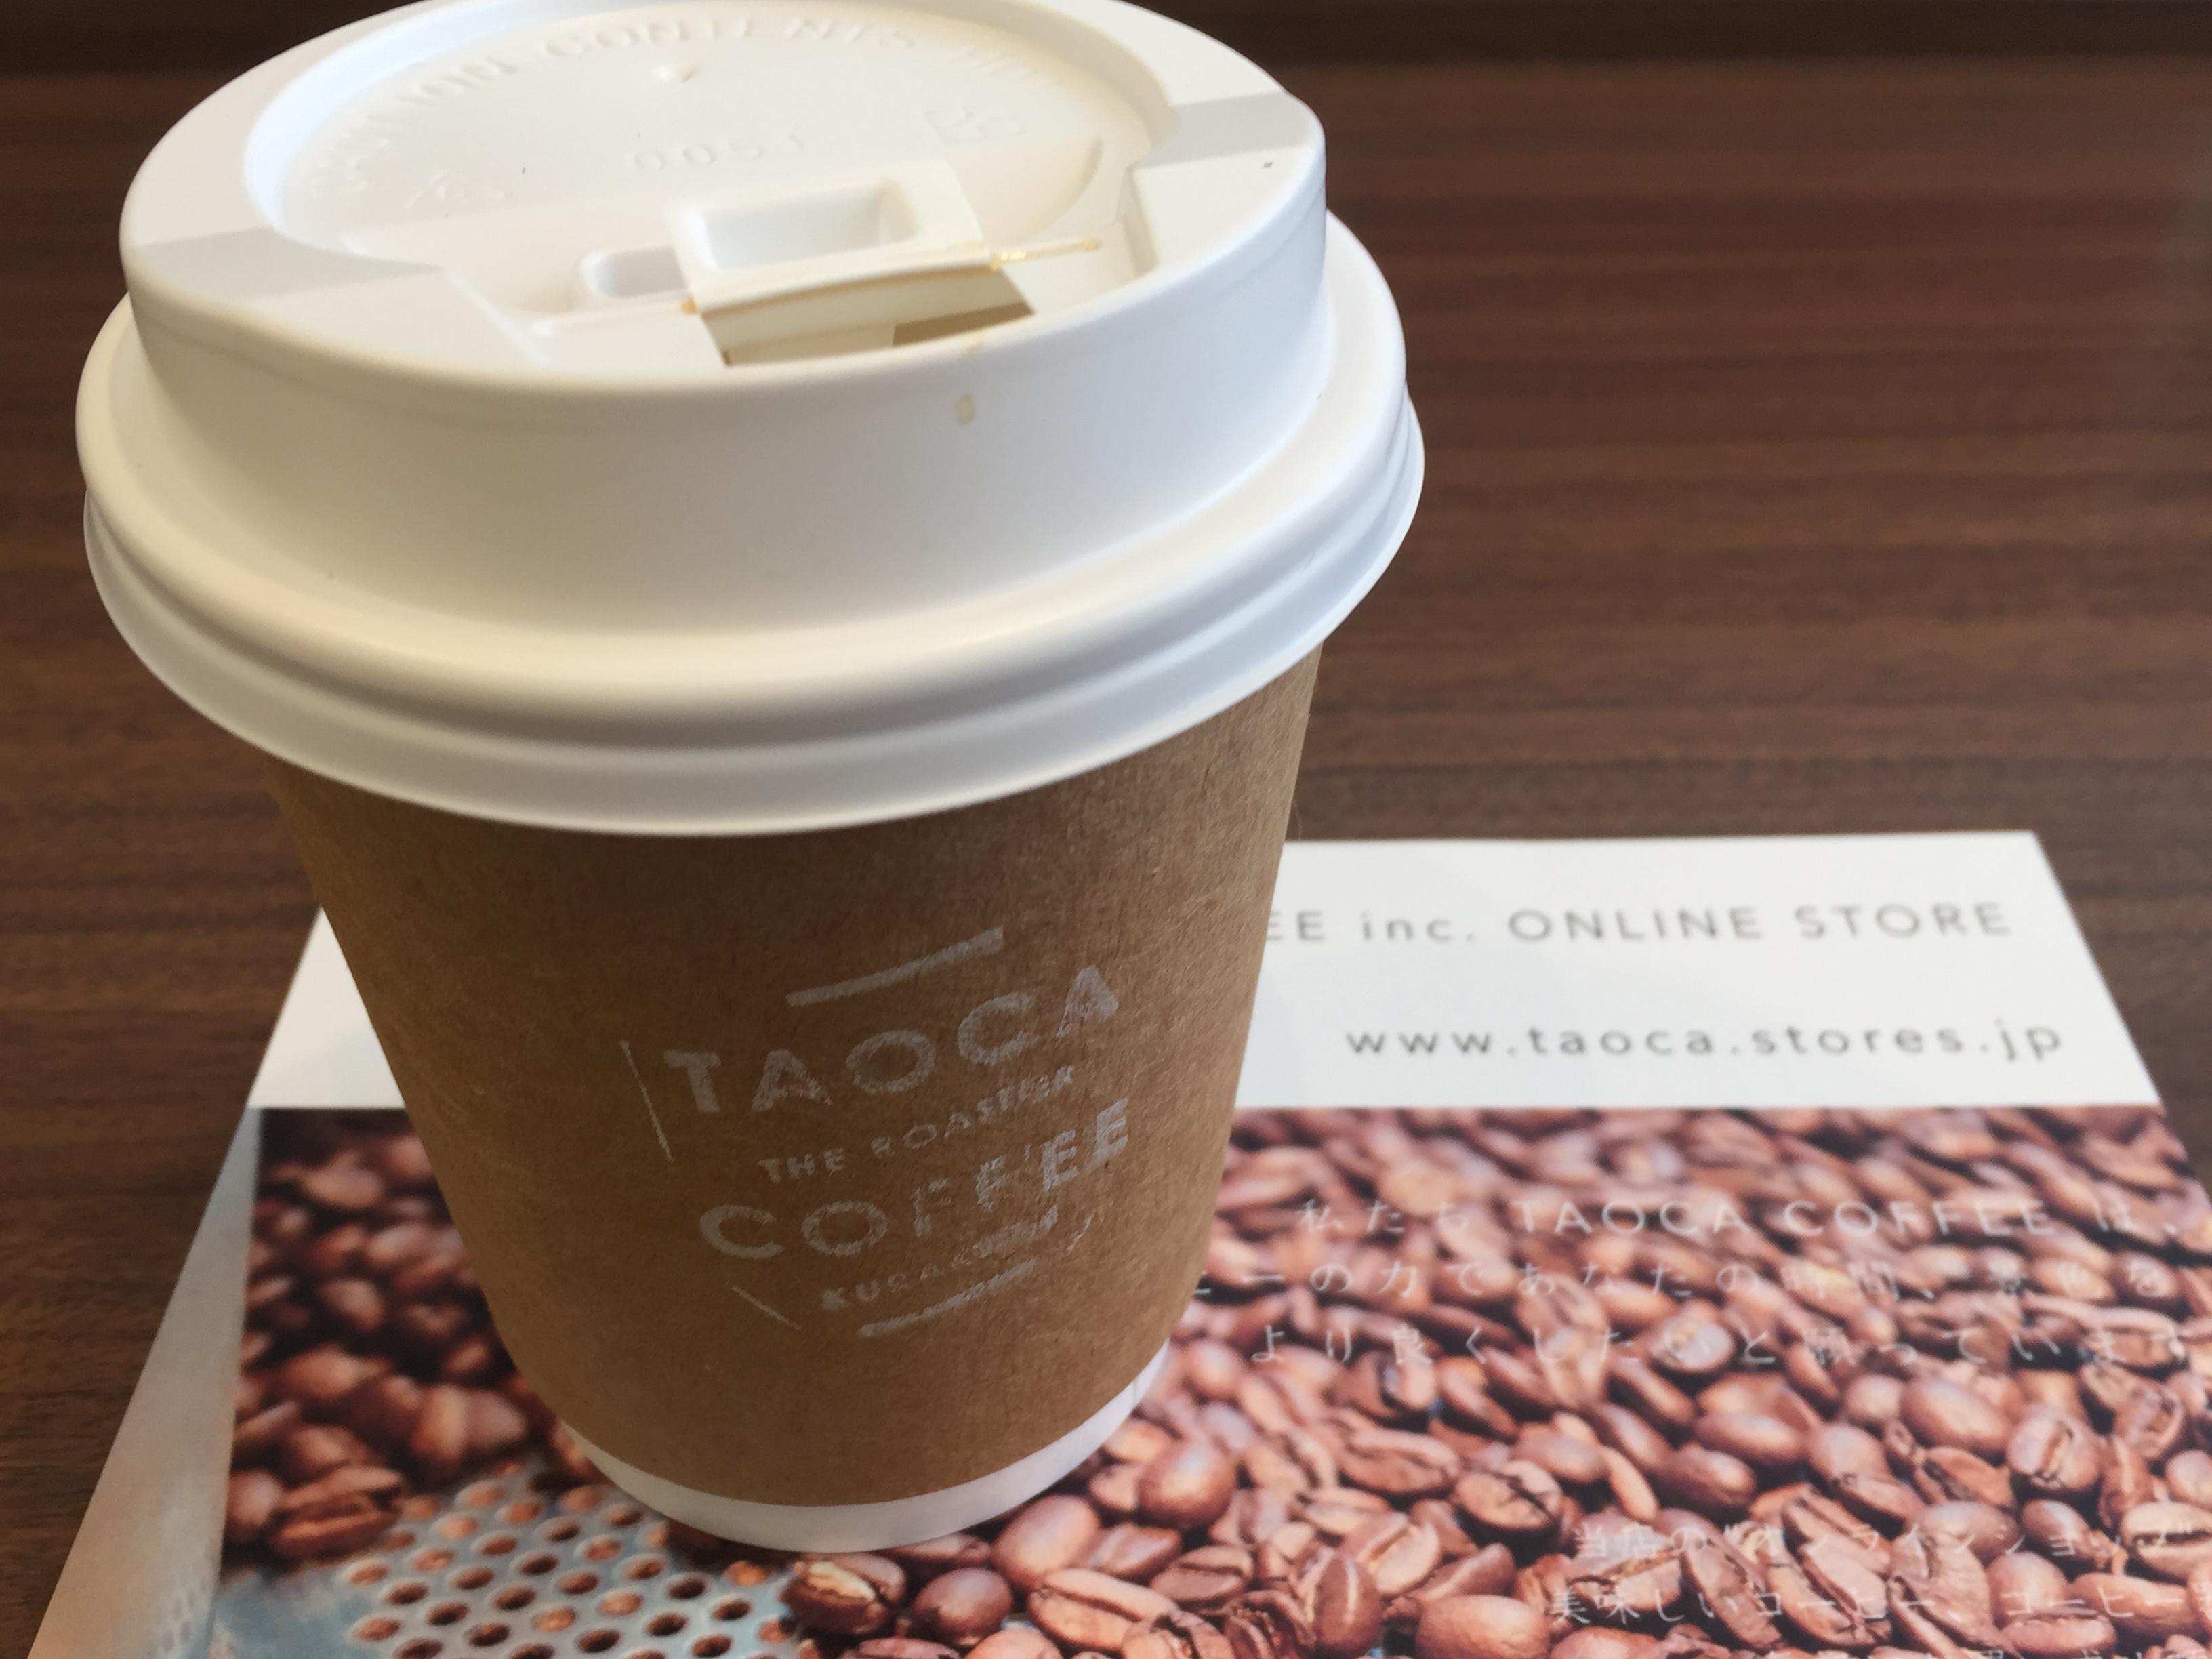 神戸・阪急岡本駅前に「TAOCA COFFEE(タオカコーヒー)」がオープン!試飲も出来るこだわりのお店だよ【※写真付レポ】 #阪急岡本